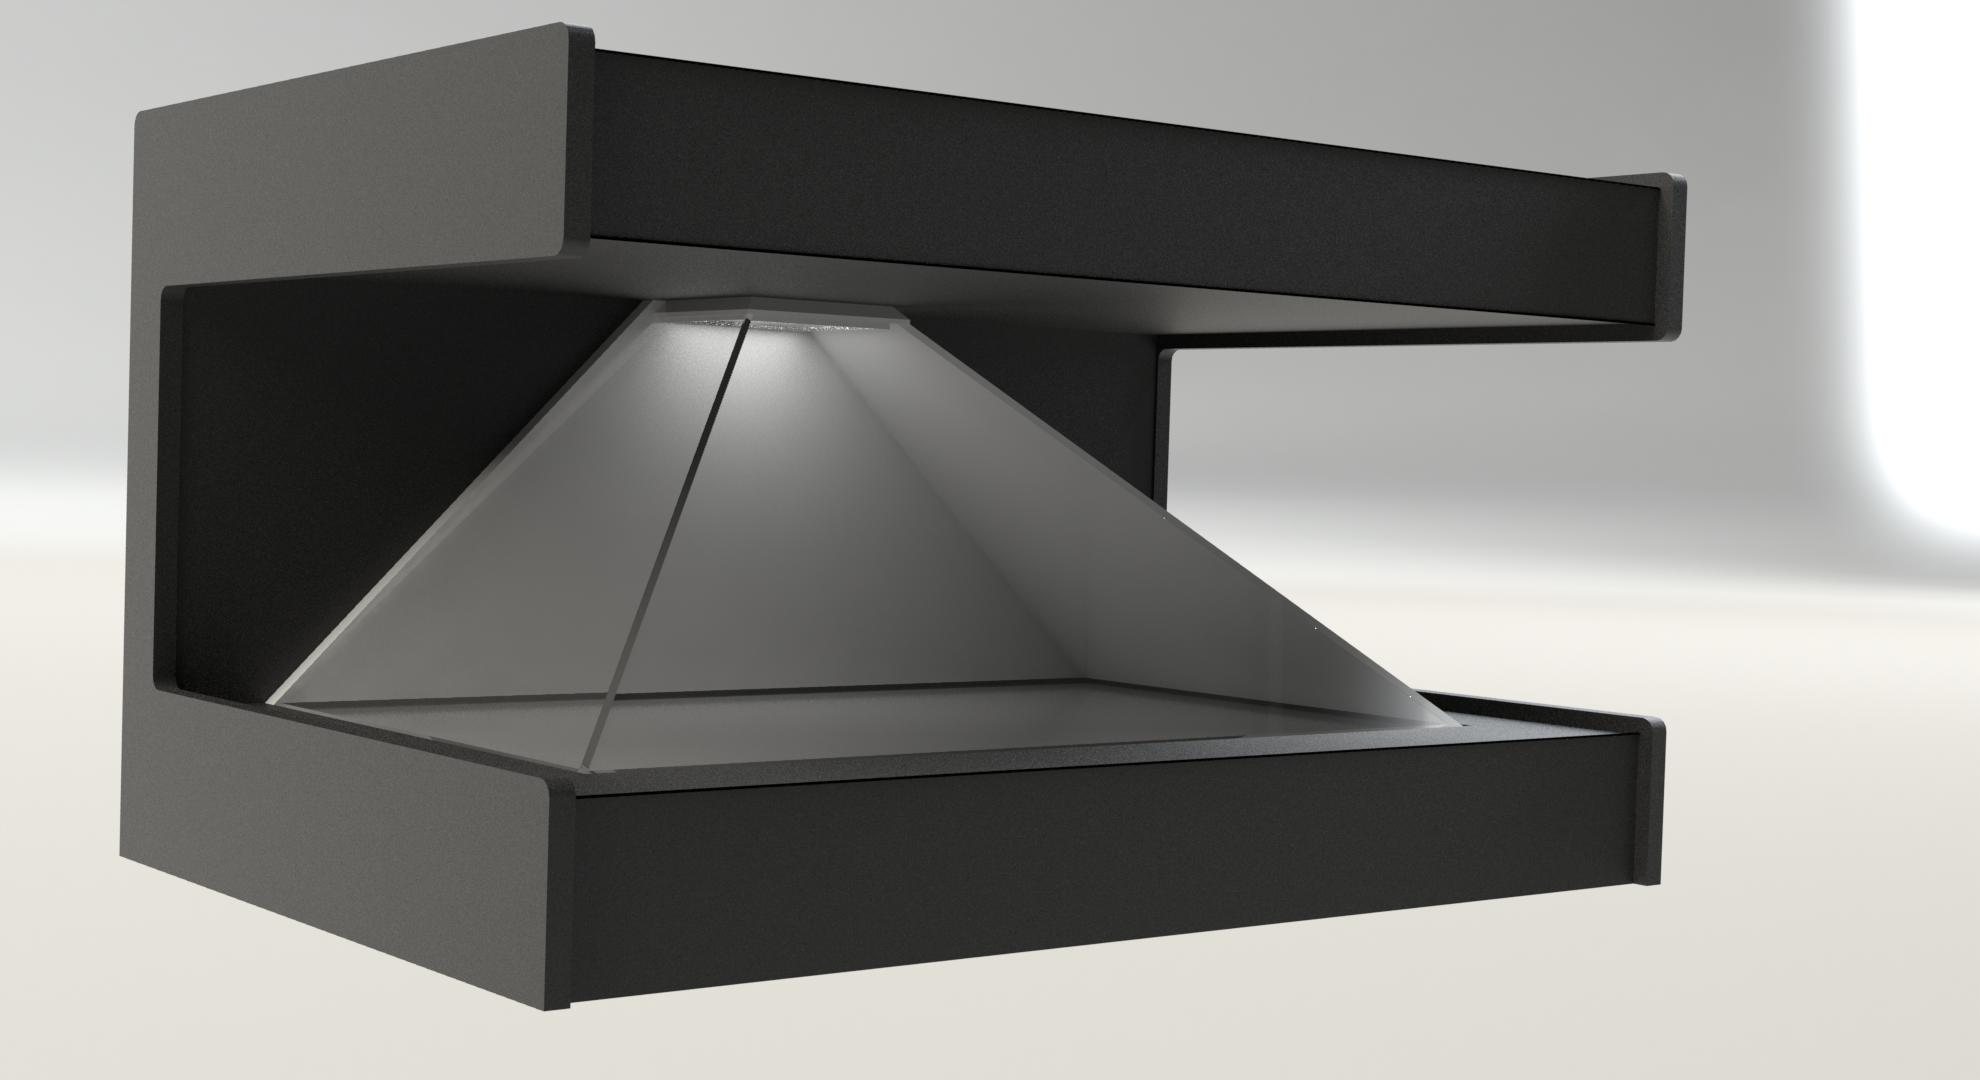 Голографическая пирамида - 3D-пирамида